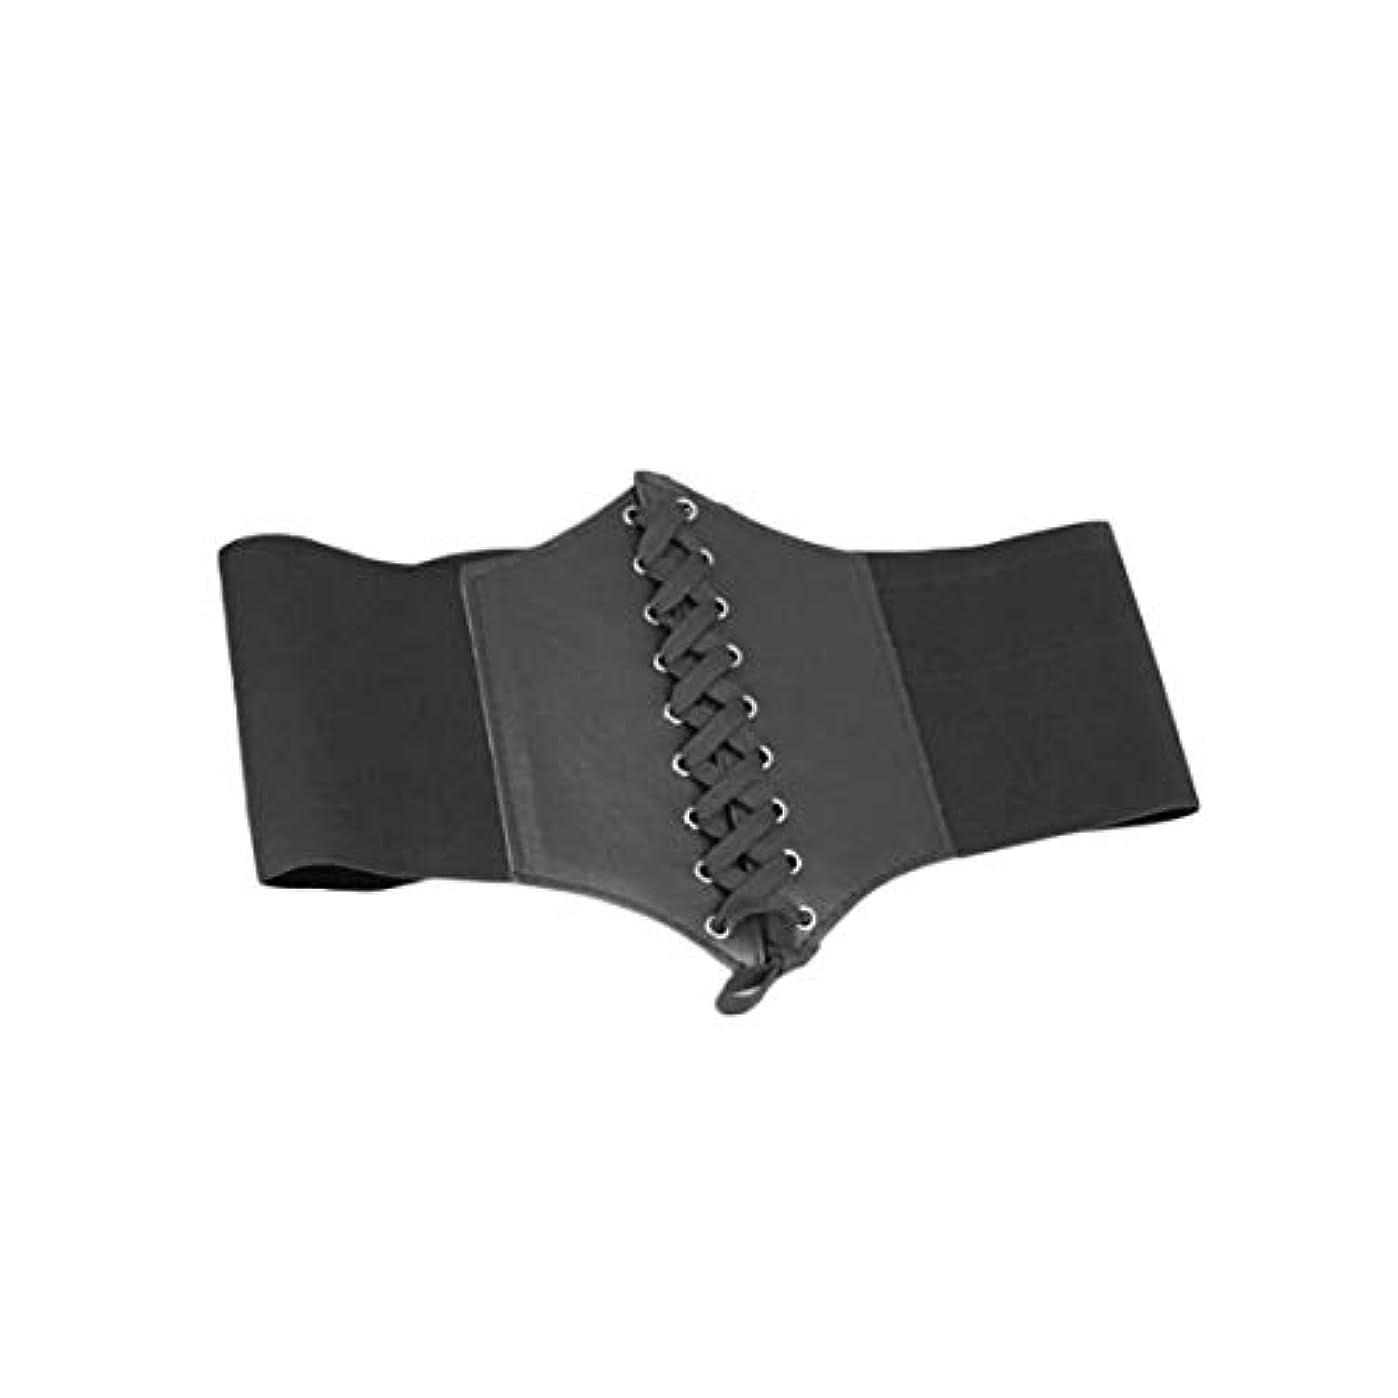 精査するリングサイレン女性ヴィンテージソリッドベルトウエストニッパーレースアップコルセット包帯ハイストレッチ調節可能なネクタイワイドウエストバンド用女性 - 黒